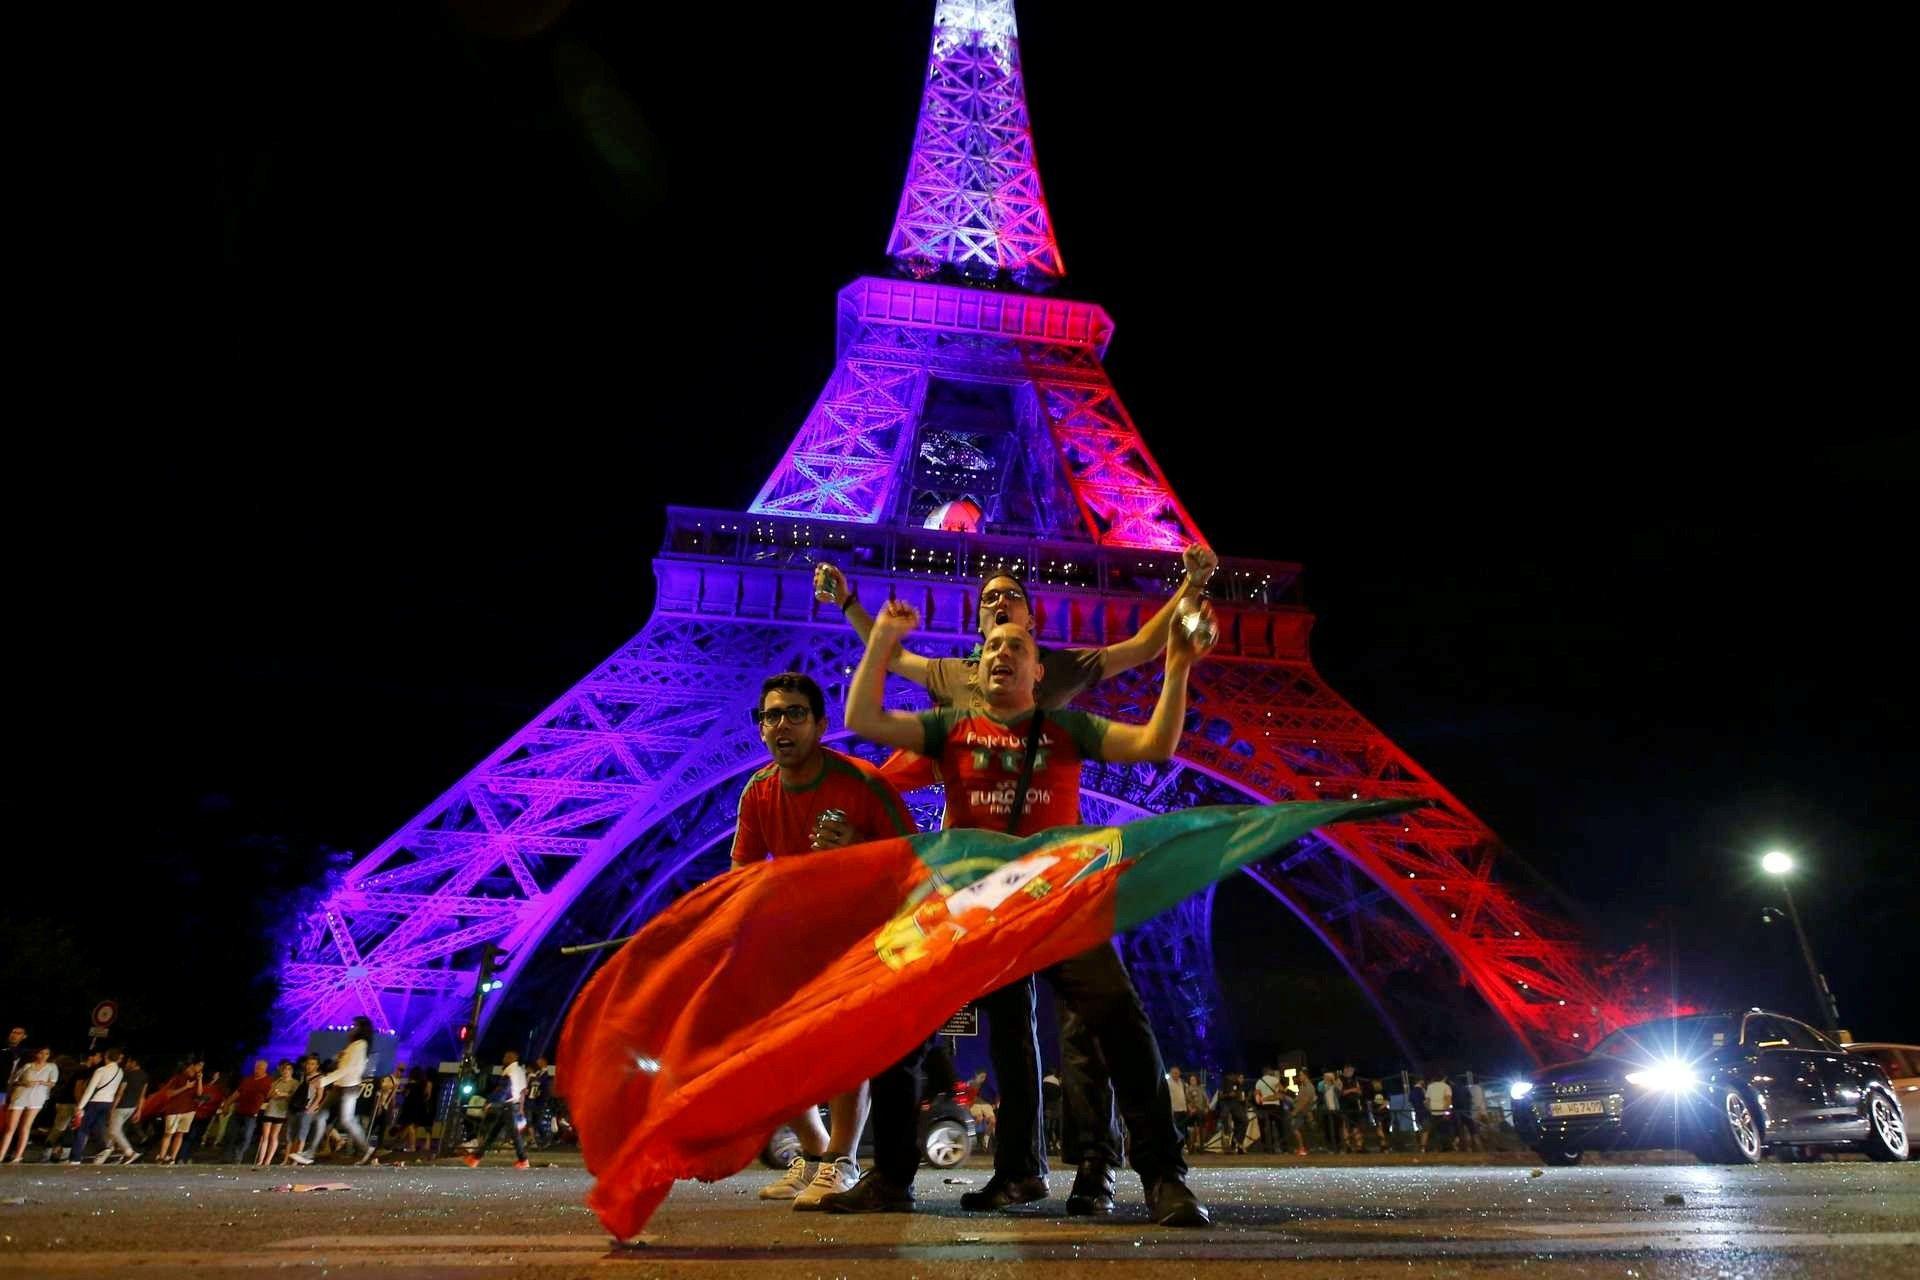 Euro2016 - Torre Eiffel iluminada com as cores francesas na noite da vitória de Portugal- ATITUDE HOSTIL DA FRANÇA